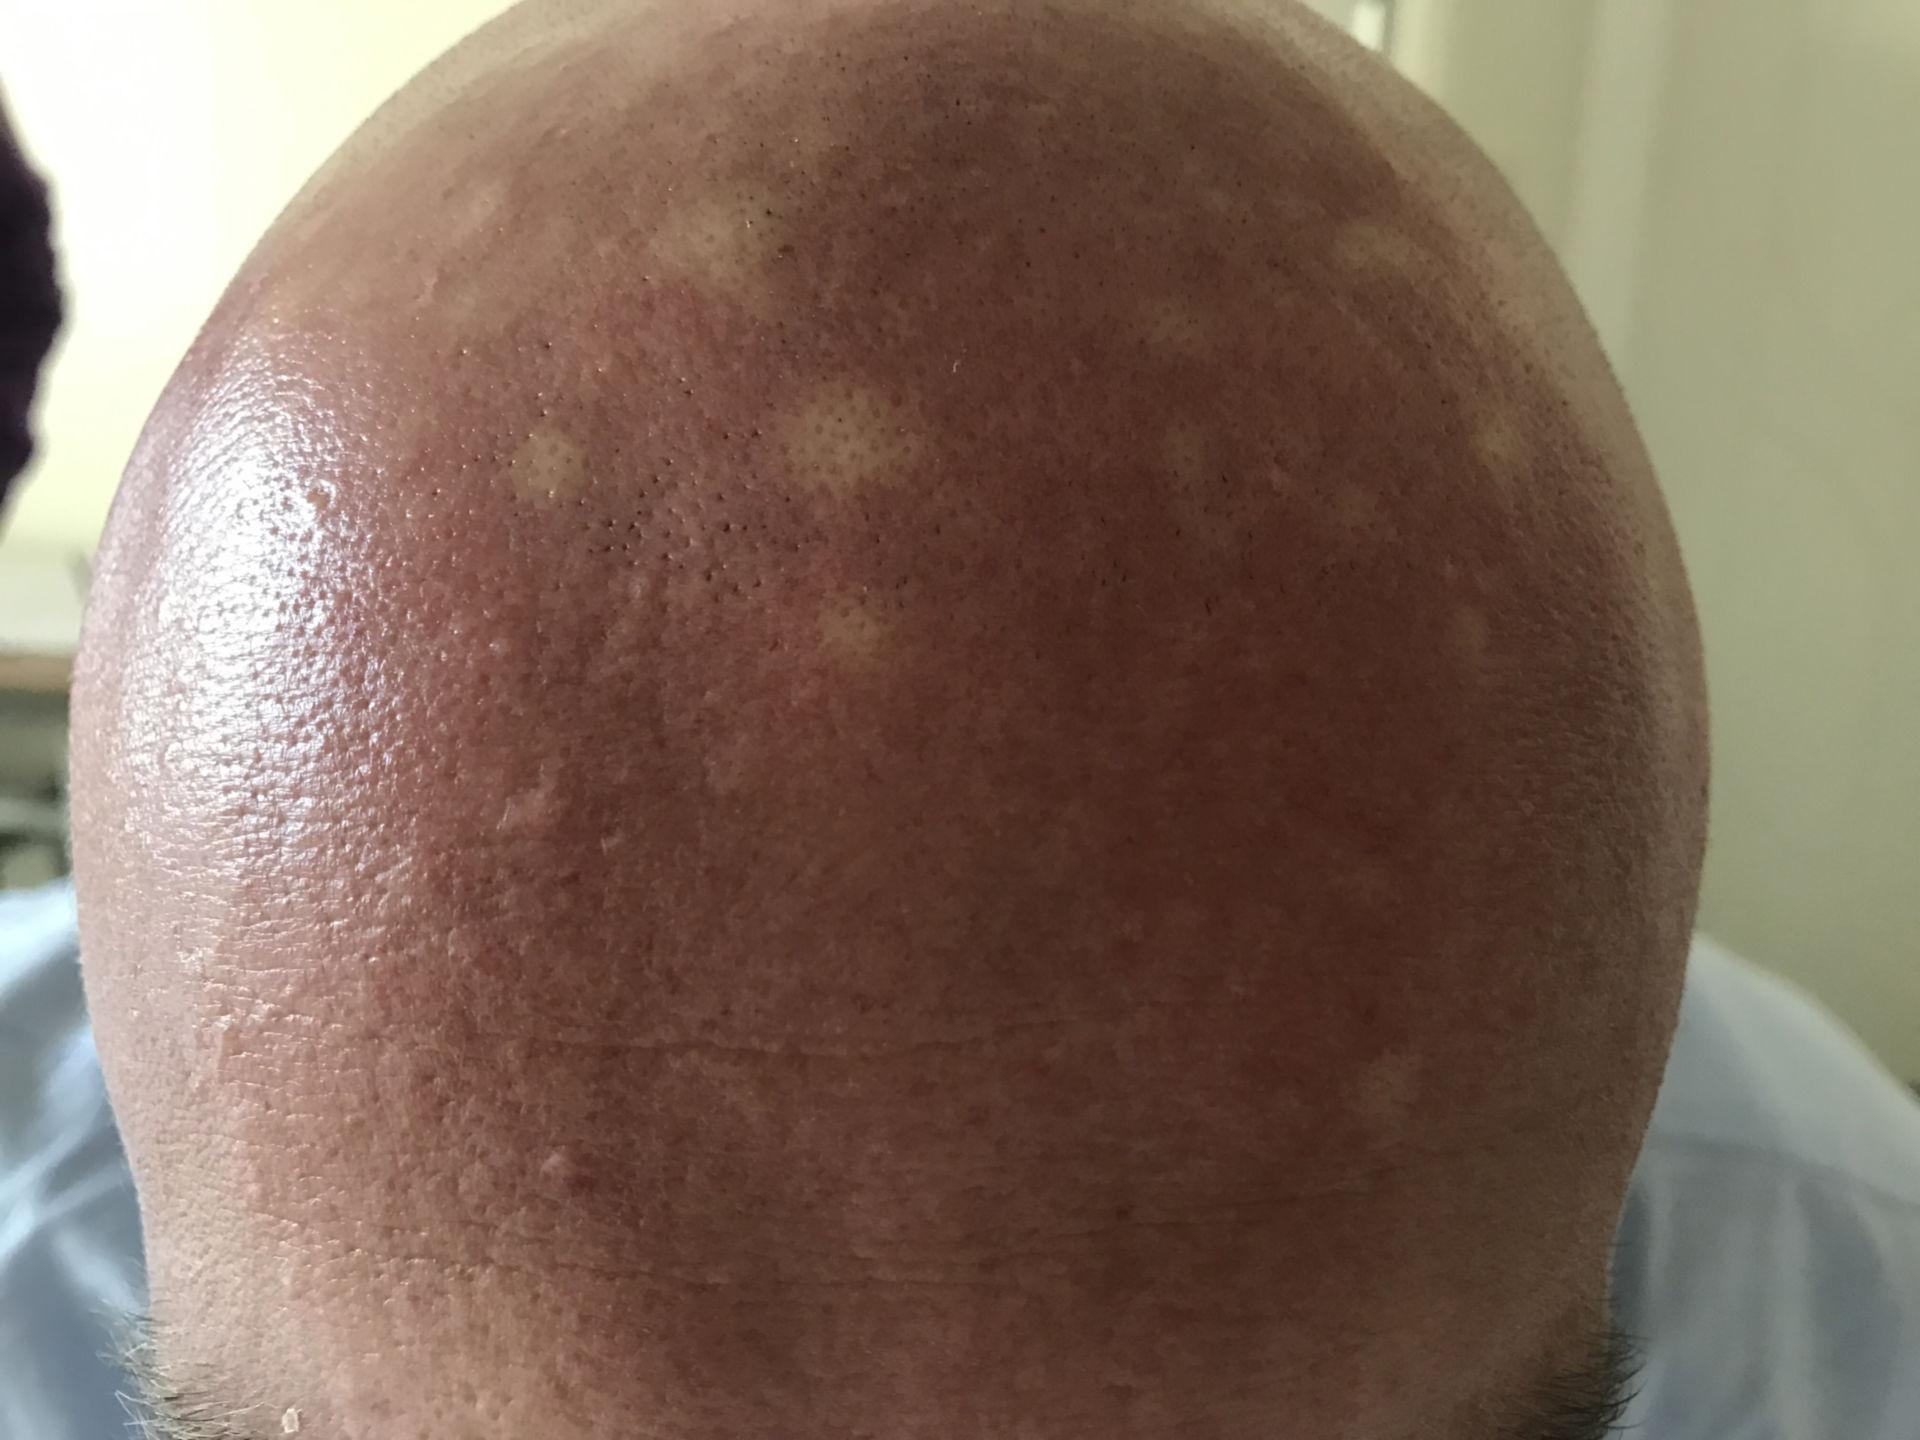 Kopfhaut weiße Flecken